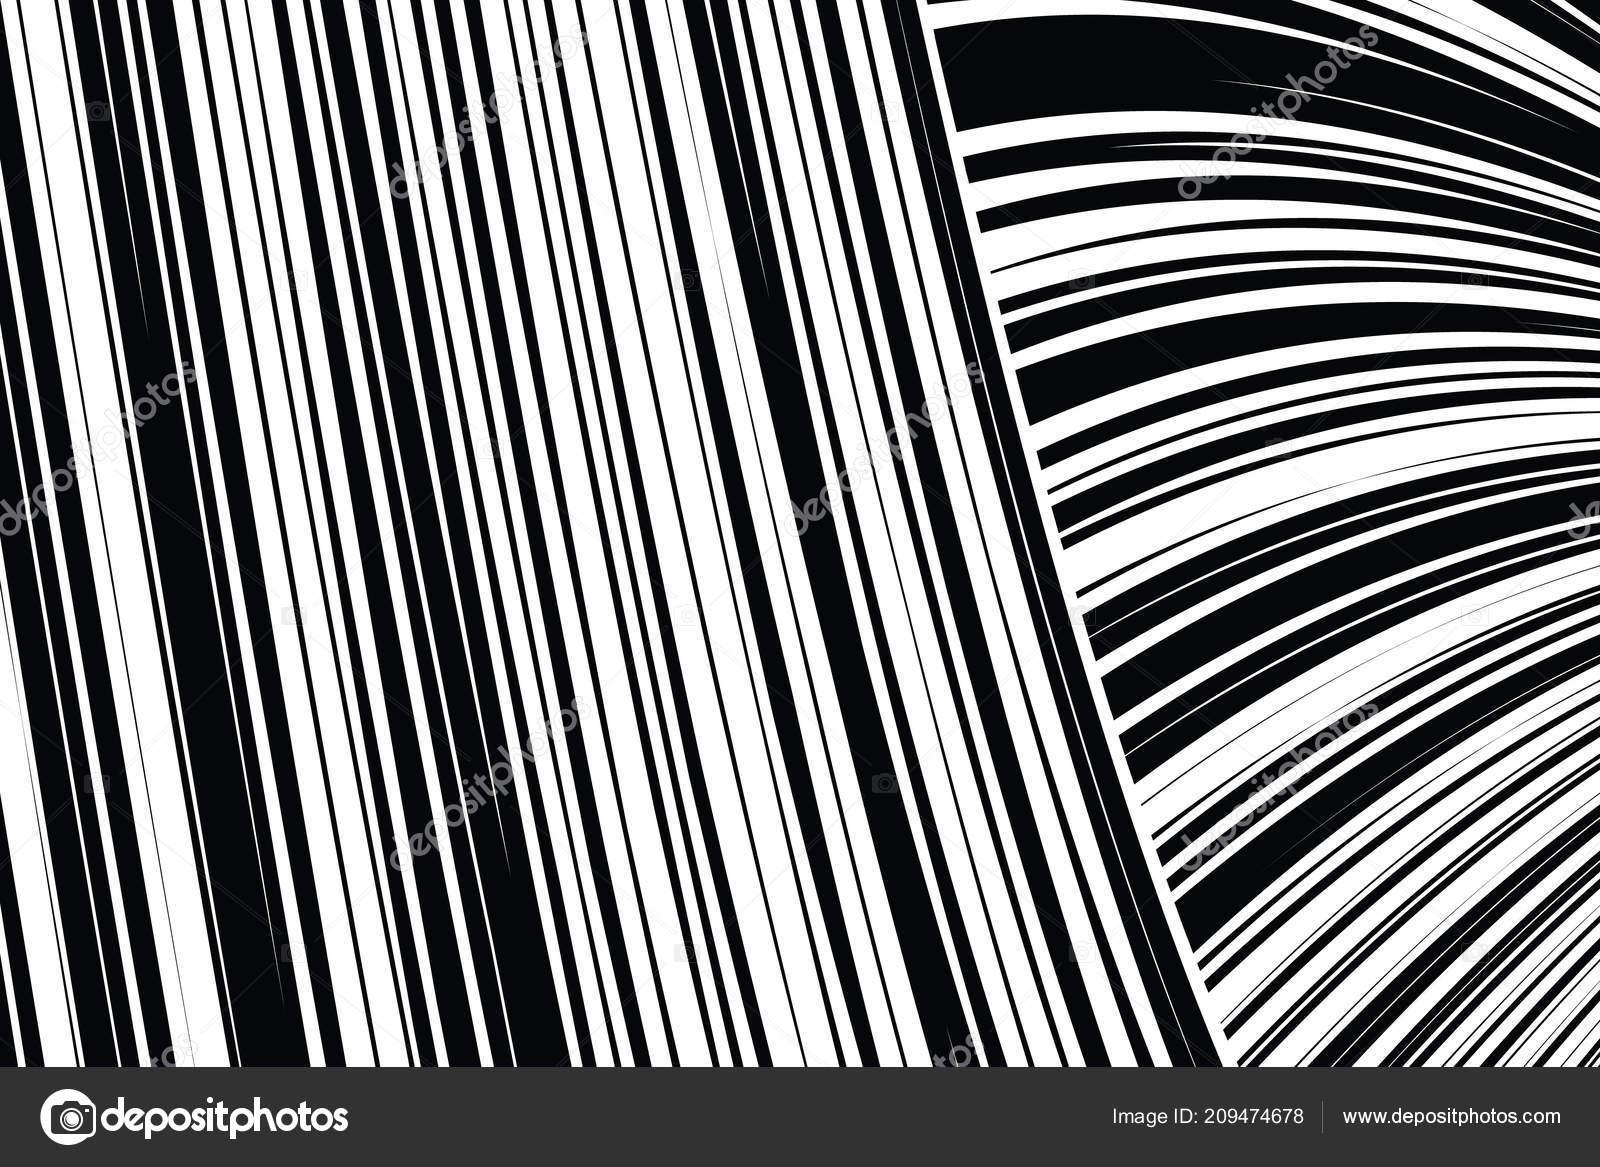 Wonderbaarlijk Abstracte kromgetrokken zwart-wit lijnen achtergrond — Stockvector RD-58